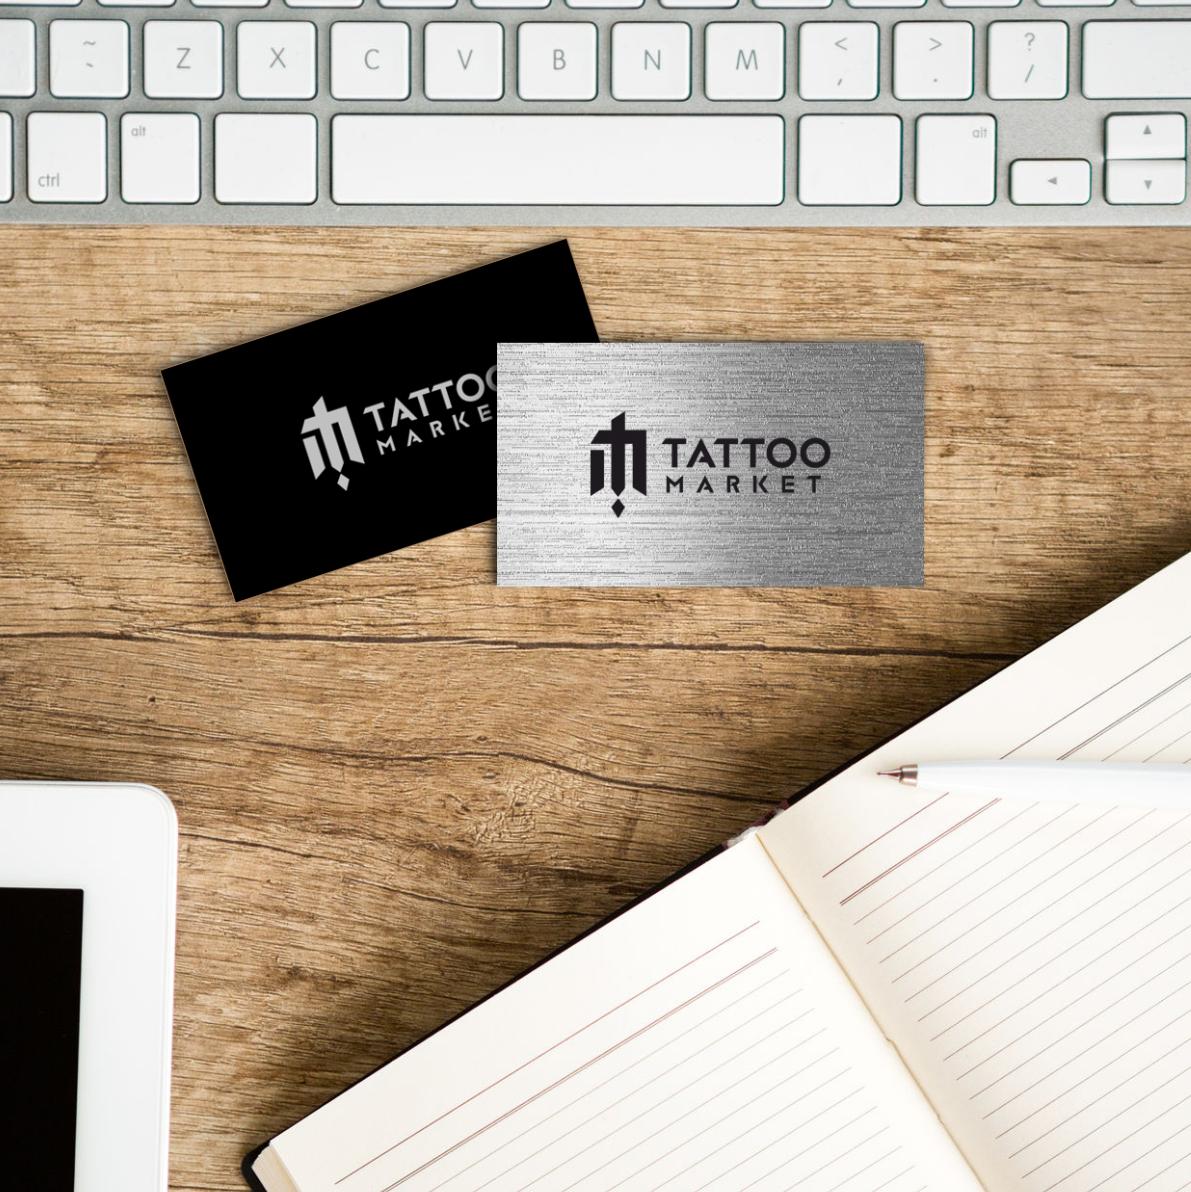 Редизайн логотипа магазина тату оборудования TattooMarket.ru фото f_7395c48b819219c9.png